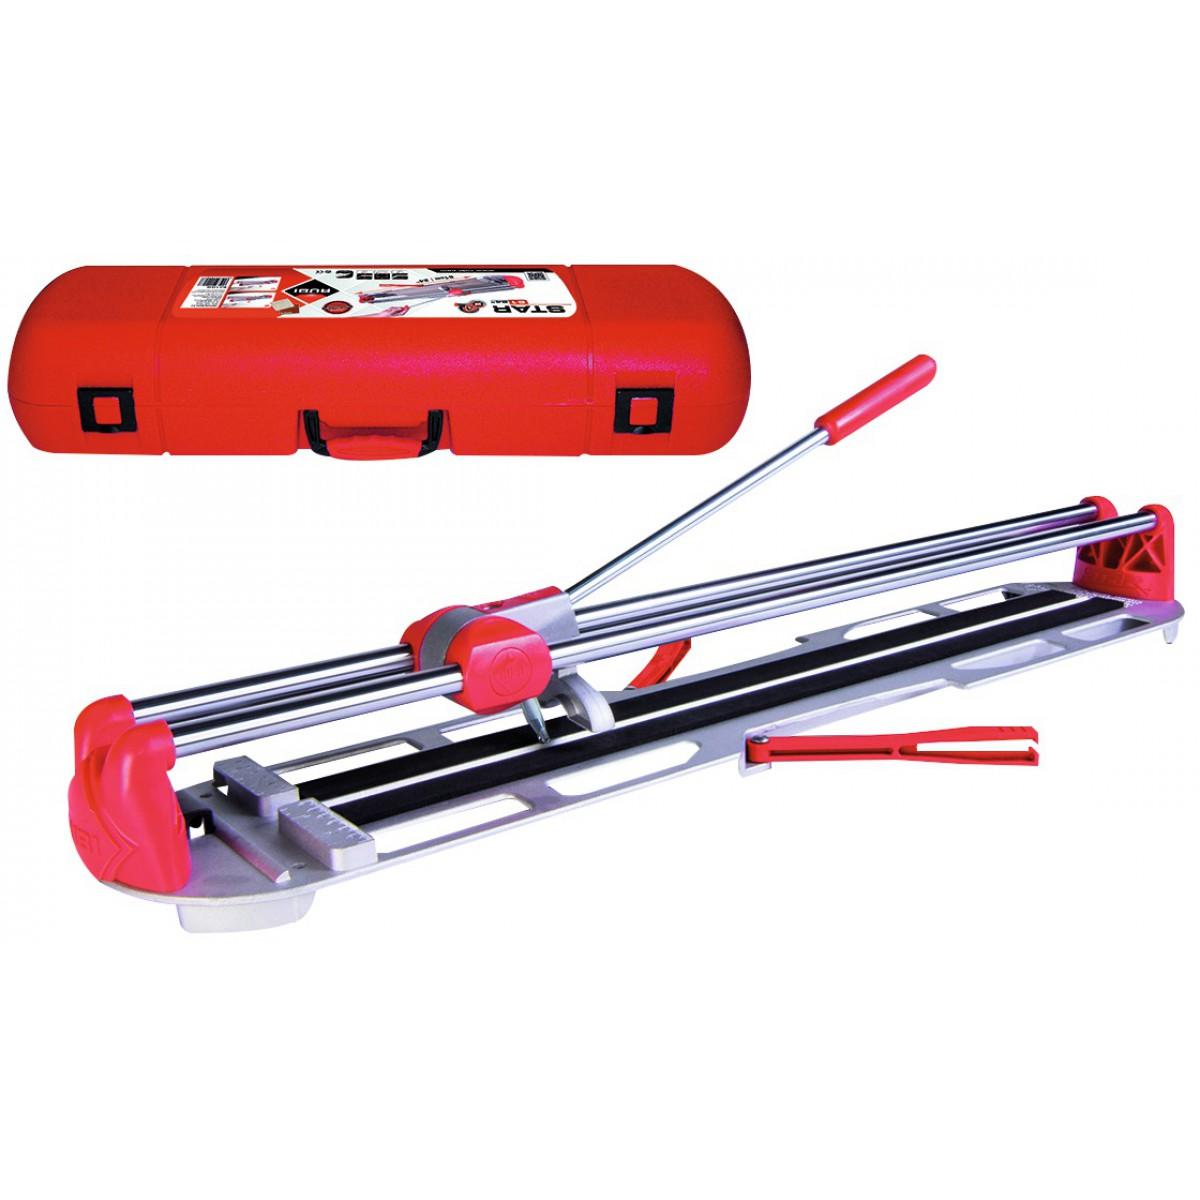 Machine à couper les carreaux Star Rubi - Coffret plastique - Longueur de coupe 510 mm